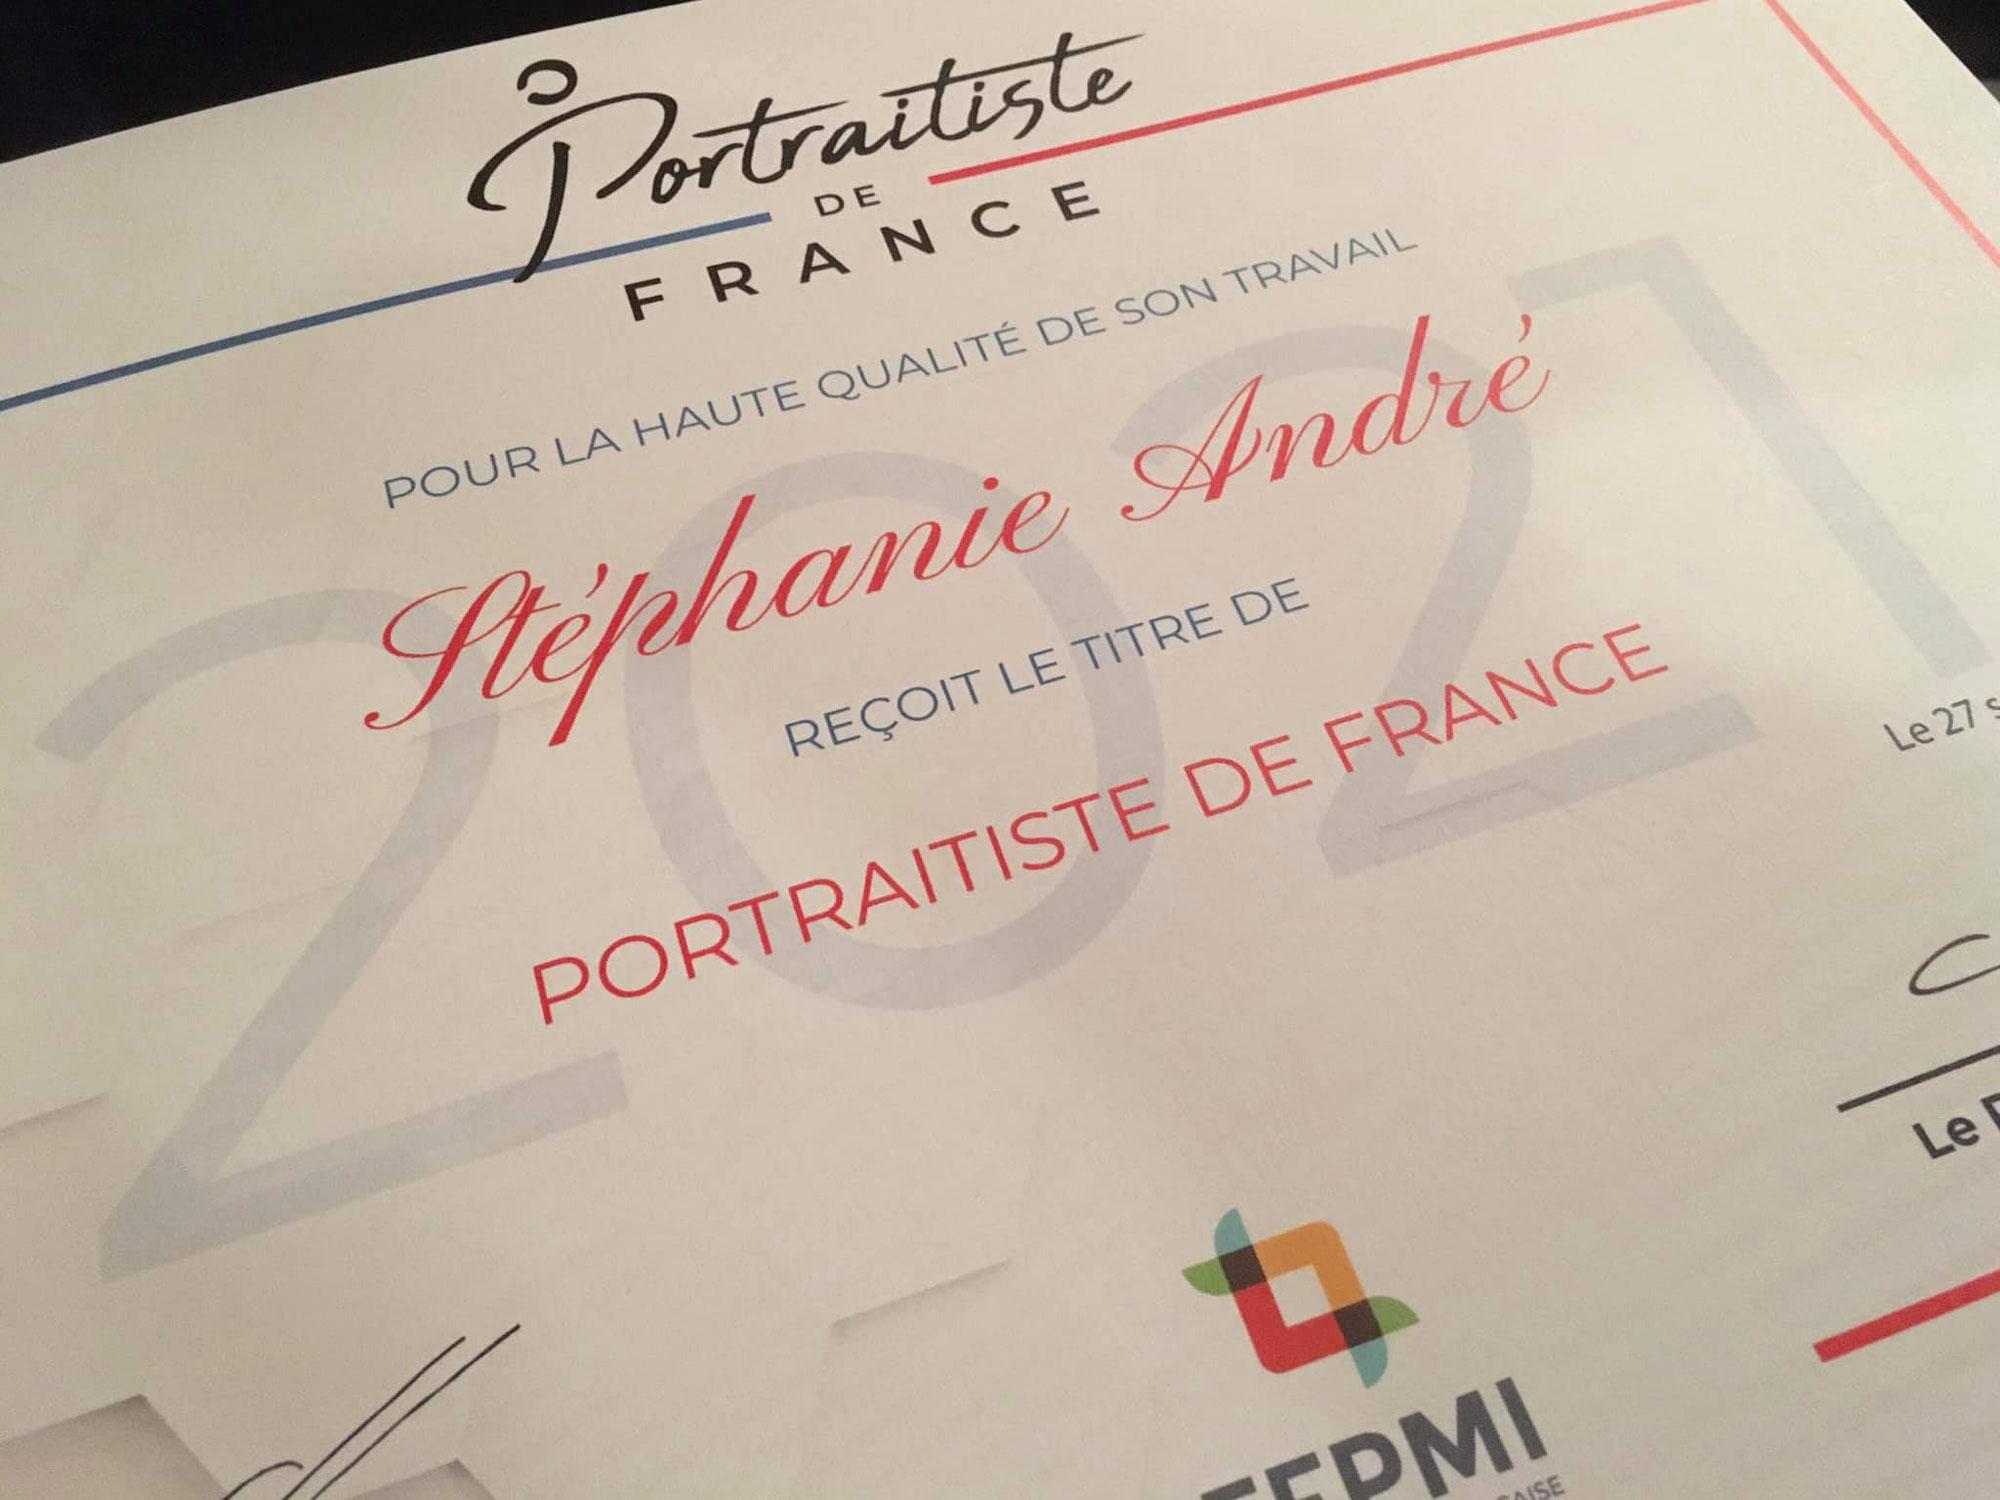 Stéphanie André : Portraitiste de France 2021 !